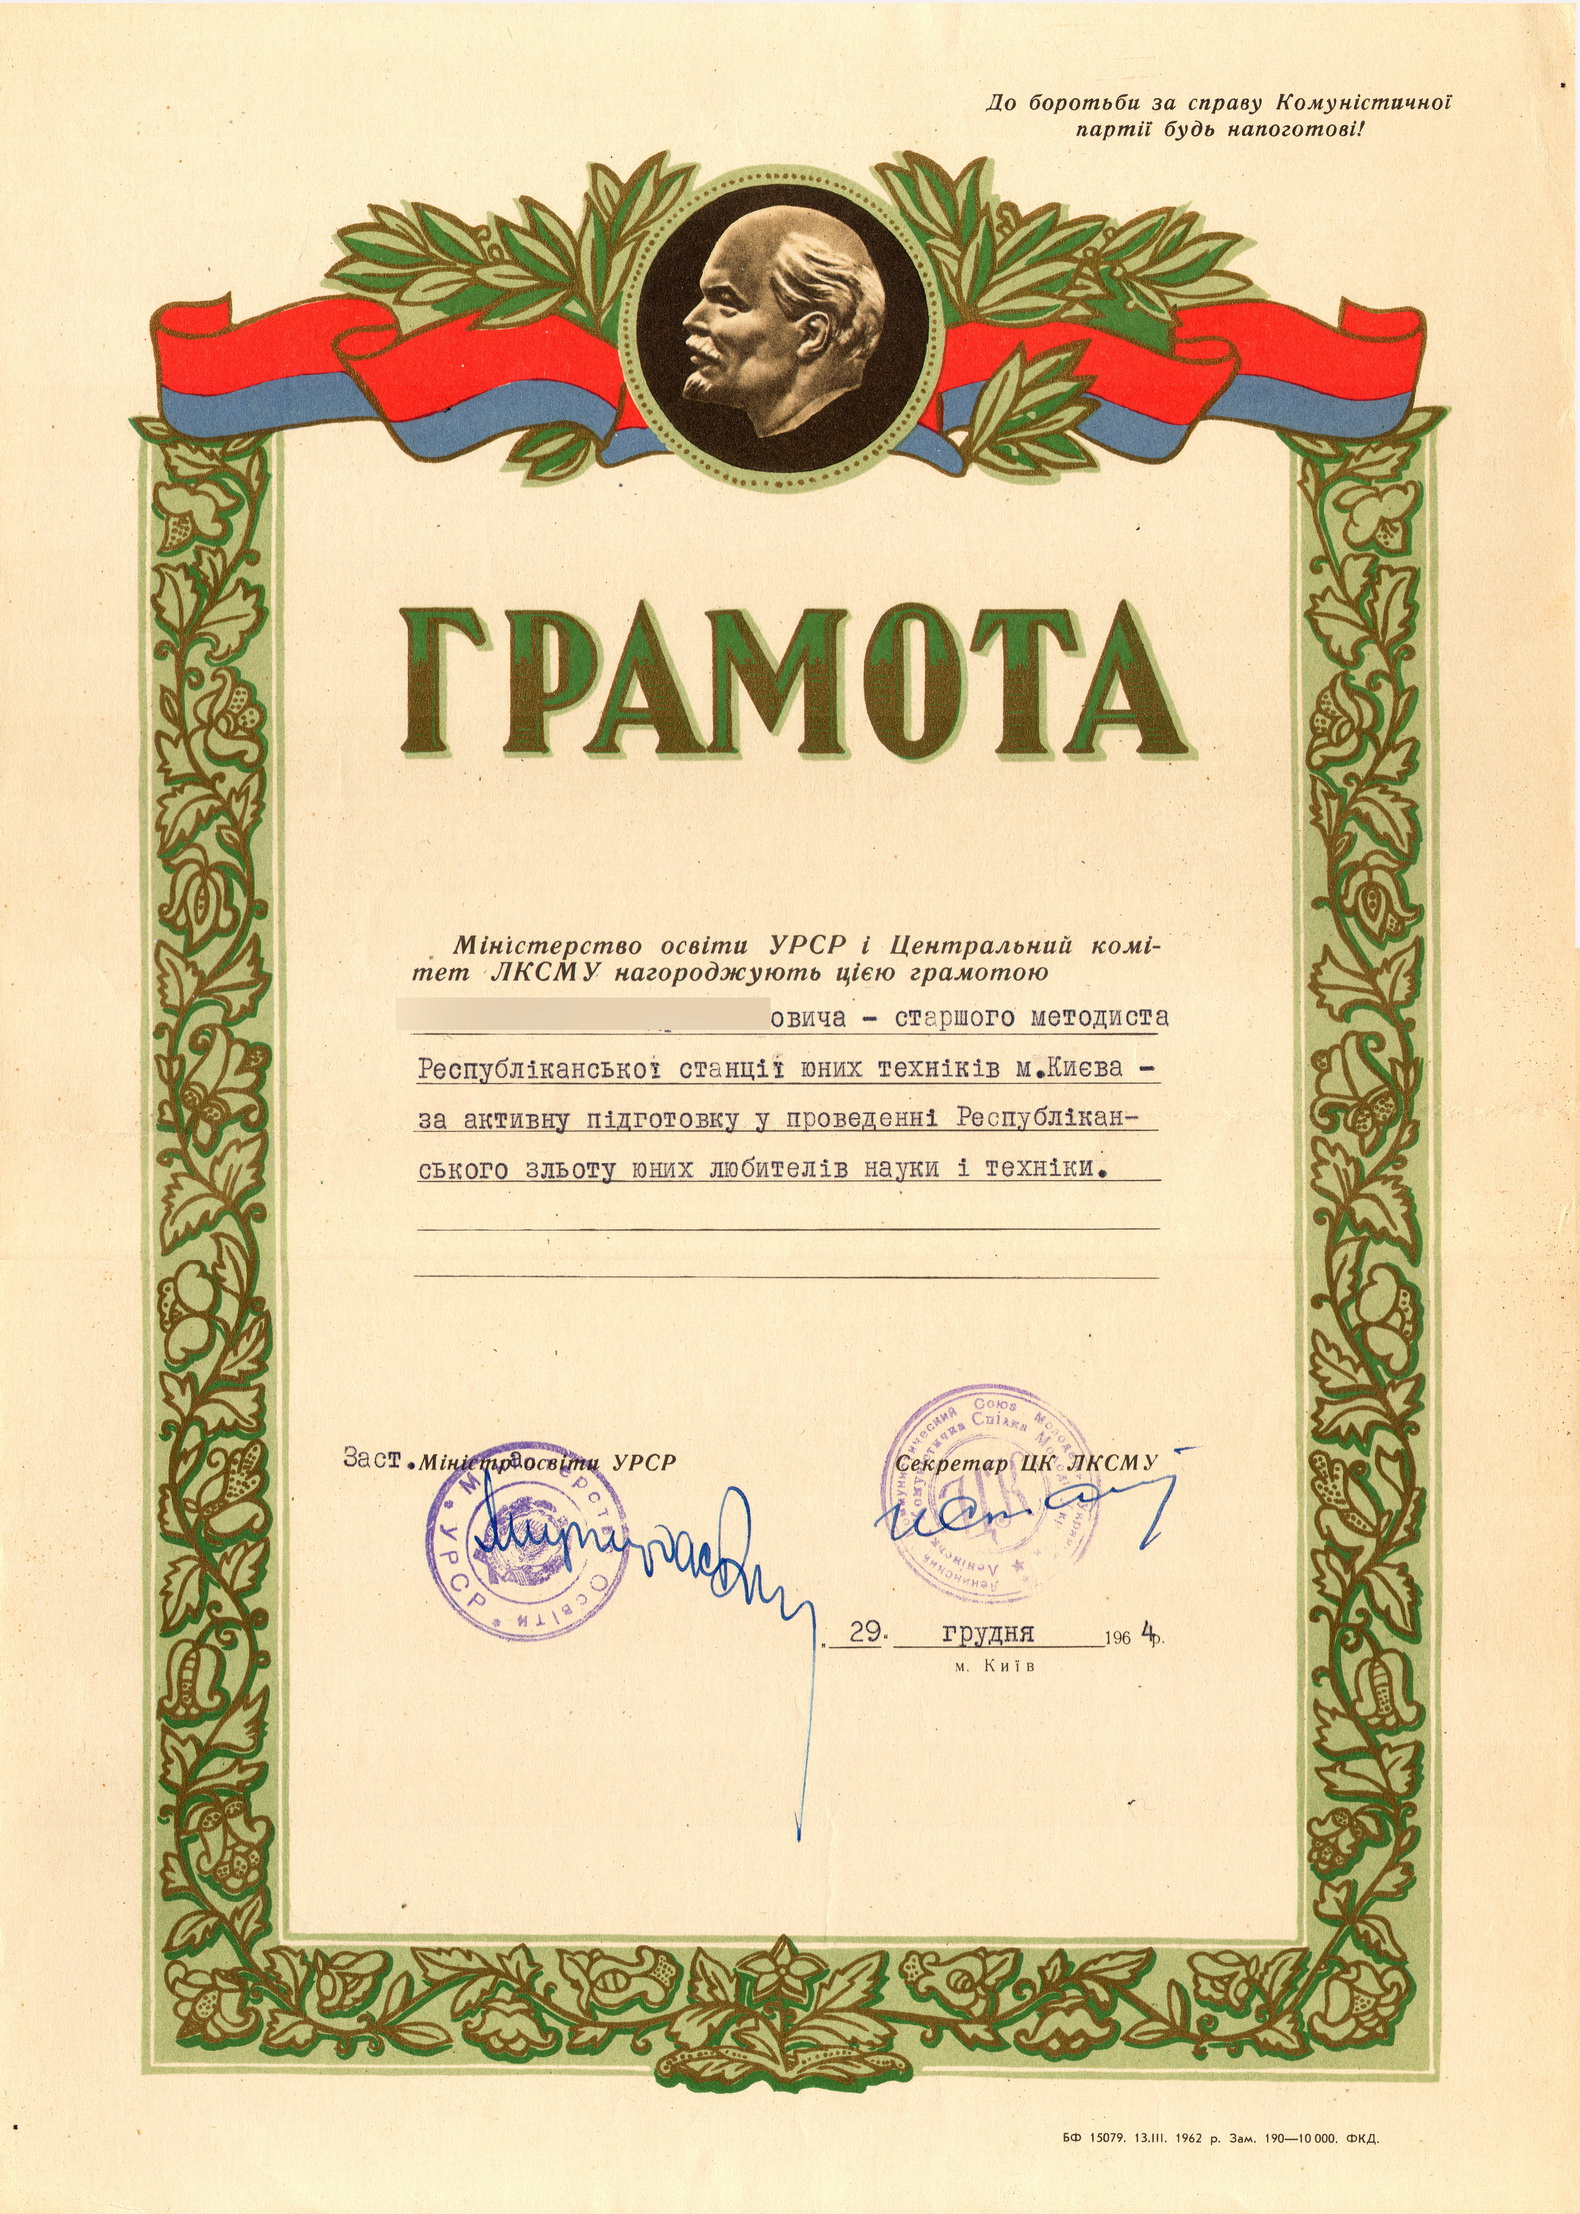 Gramota - Za aktyvnu pidgotovku_resize